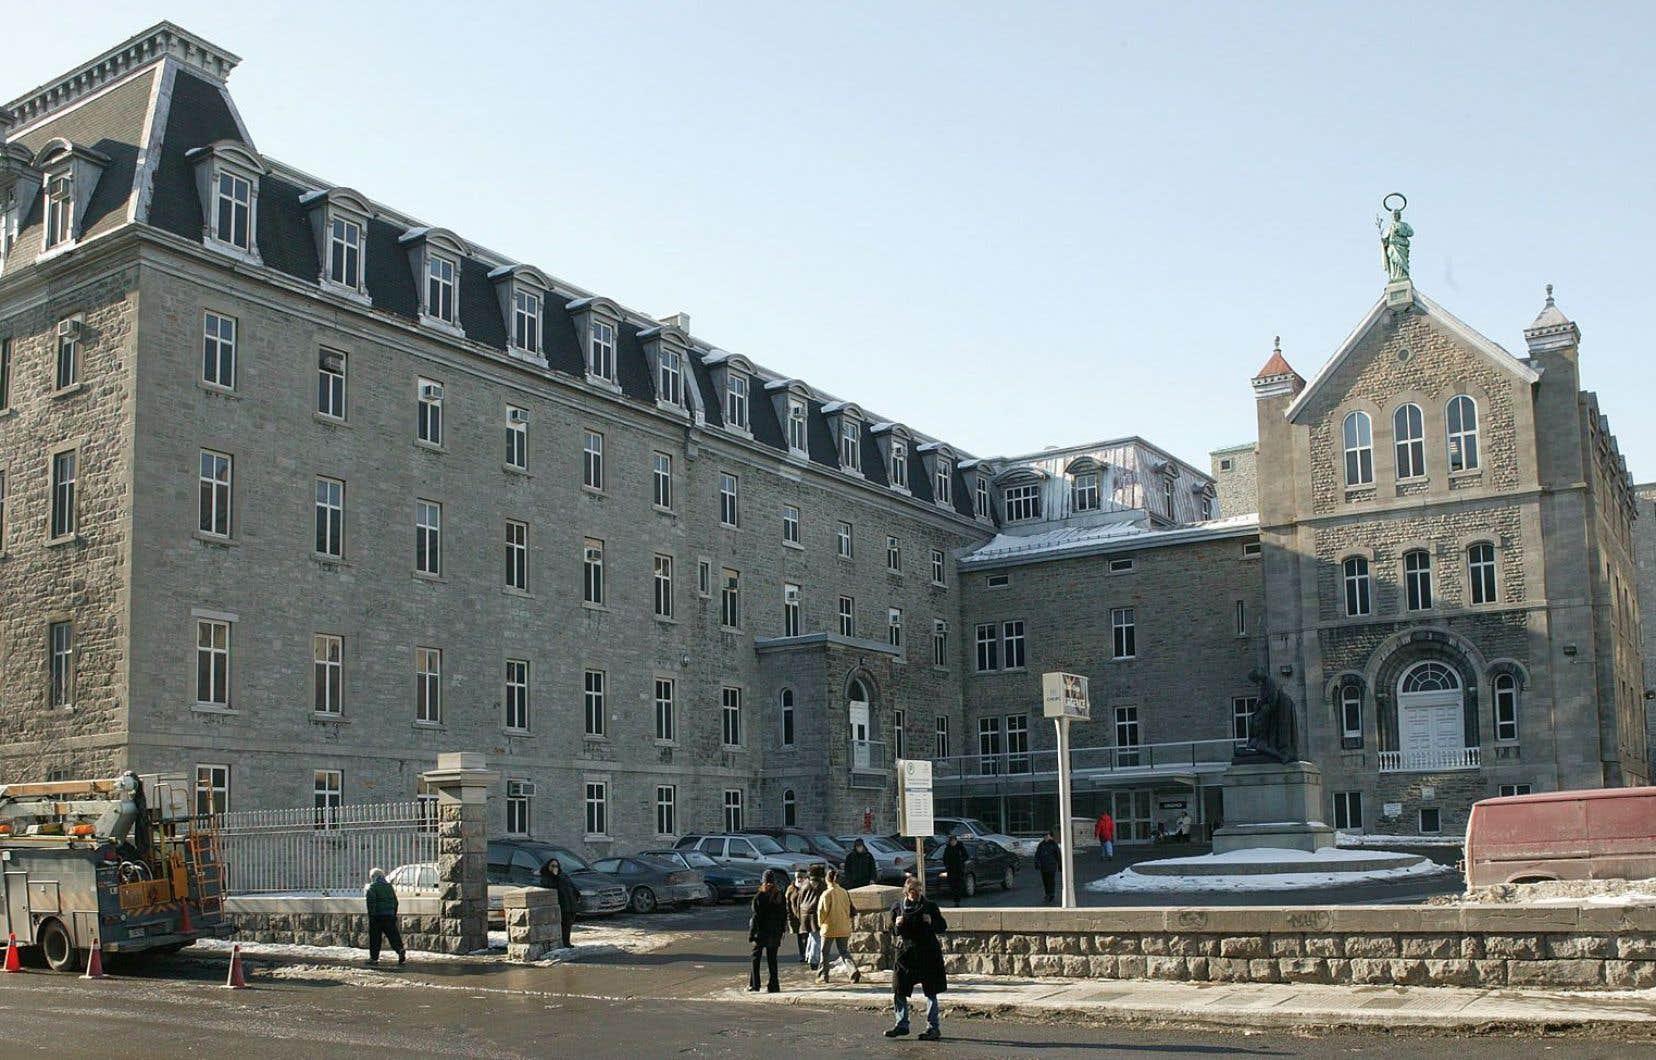 La cofondatrice de Montréal, Jeanne Mance, a fait construire le premier hôpital de la Nouvelle-France, l'Hôtel-Dieu, qui accueille alors nouveaux arrivants et autochtones.